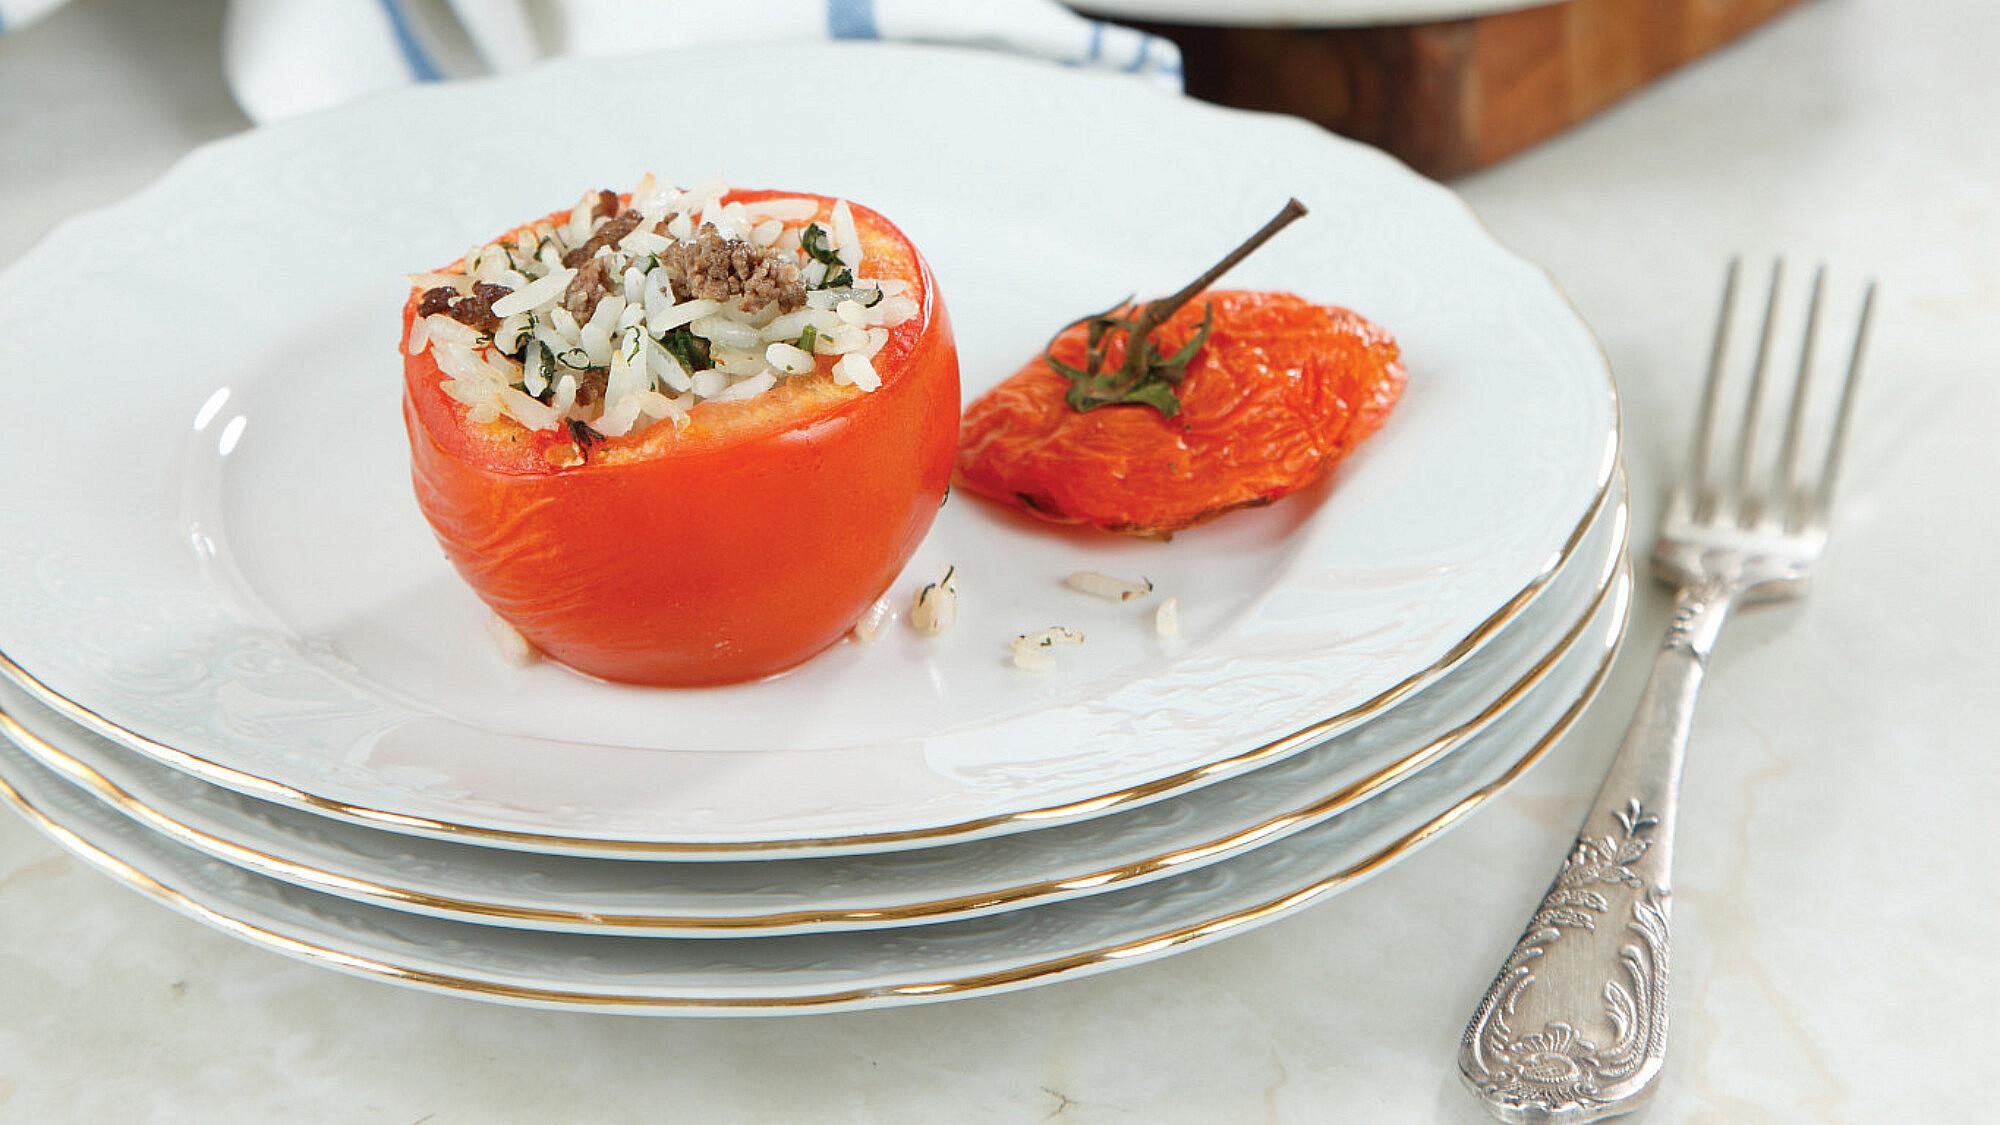 עגבניות ממולאות באורז ובשר של לידור ברזיק-פרידלנד   צילום: דניה ויינר   סגנון: אוריה גבע